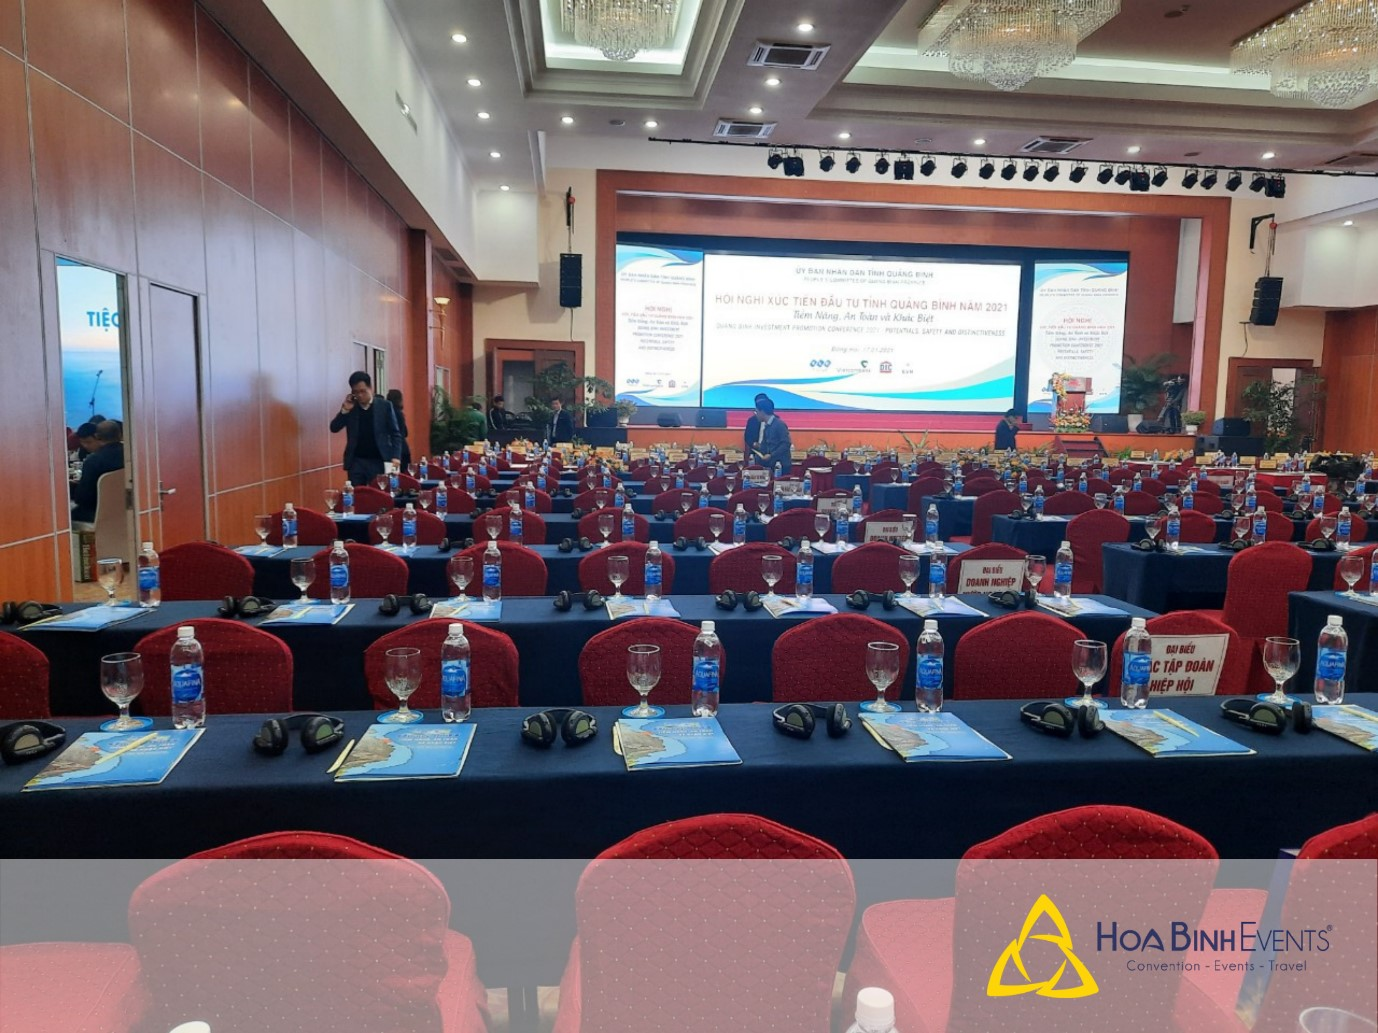 quy trình tổ chức hội nghị hội thảo thanh công